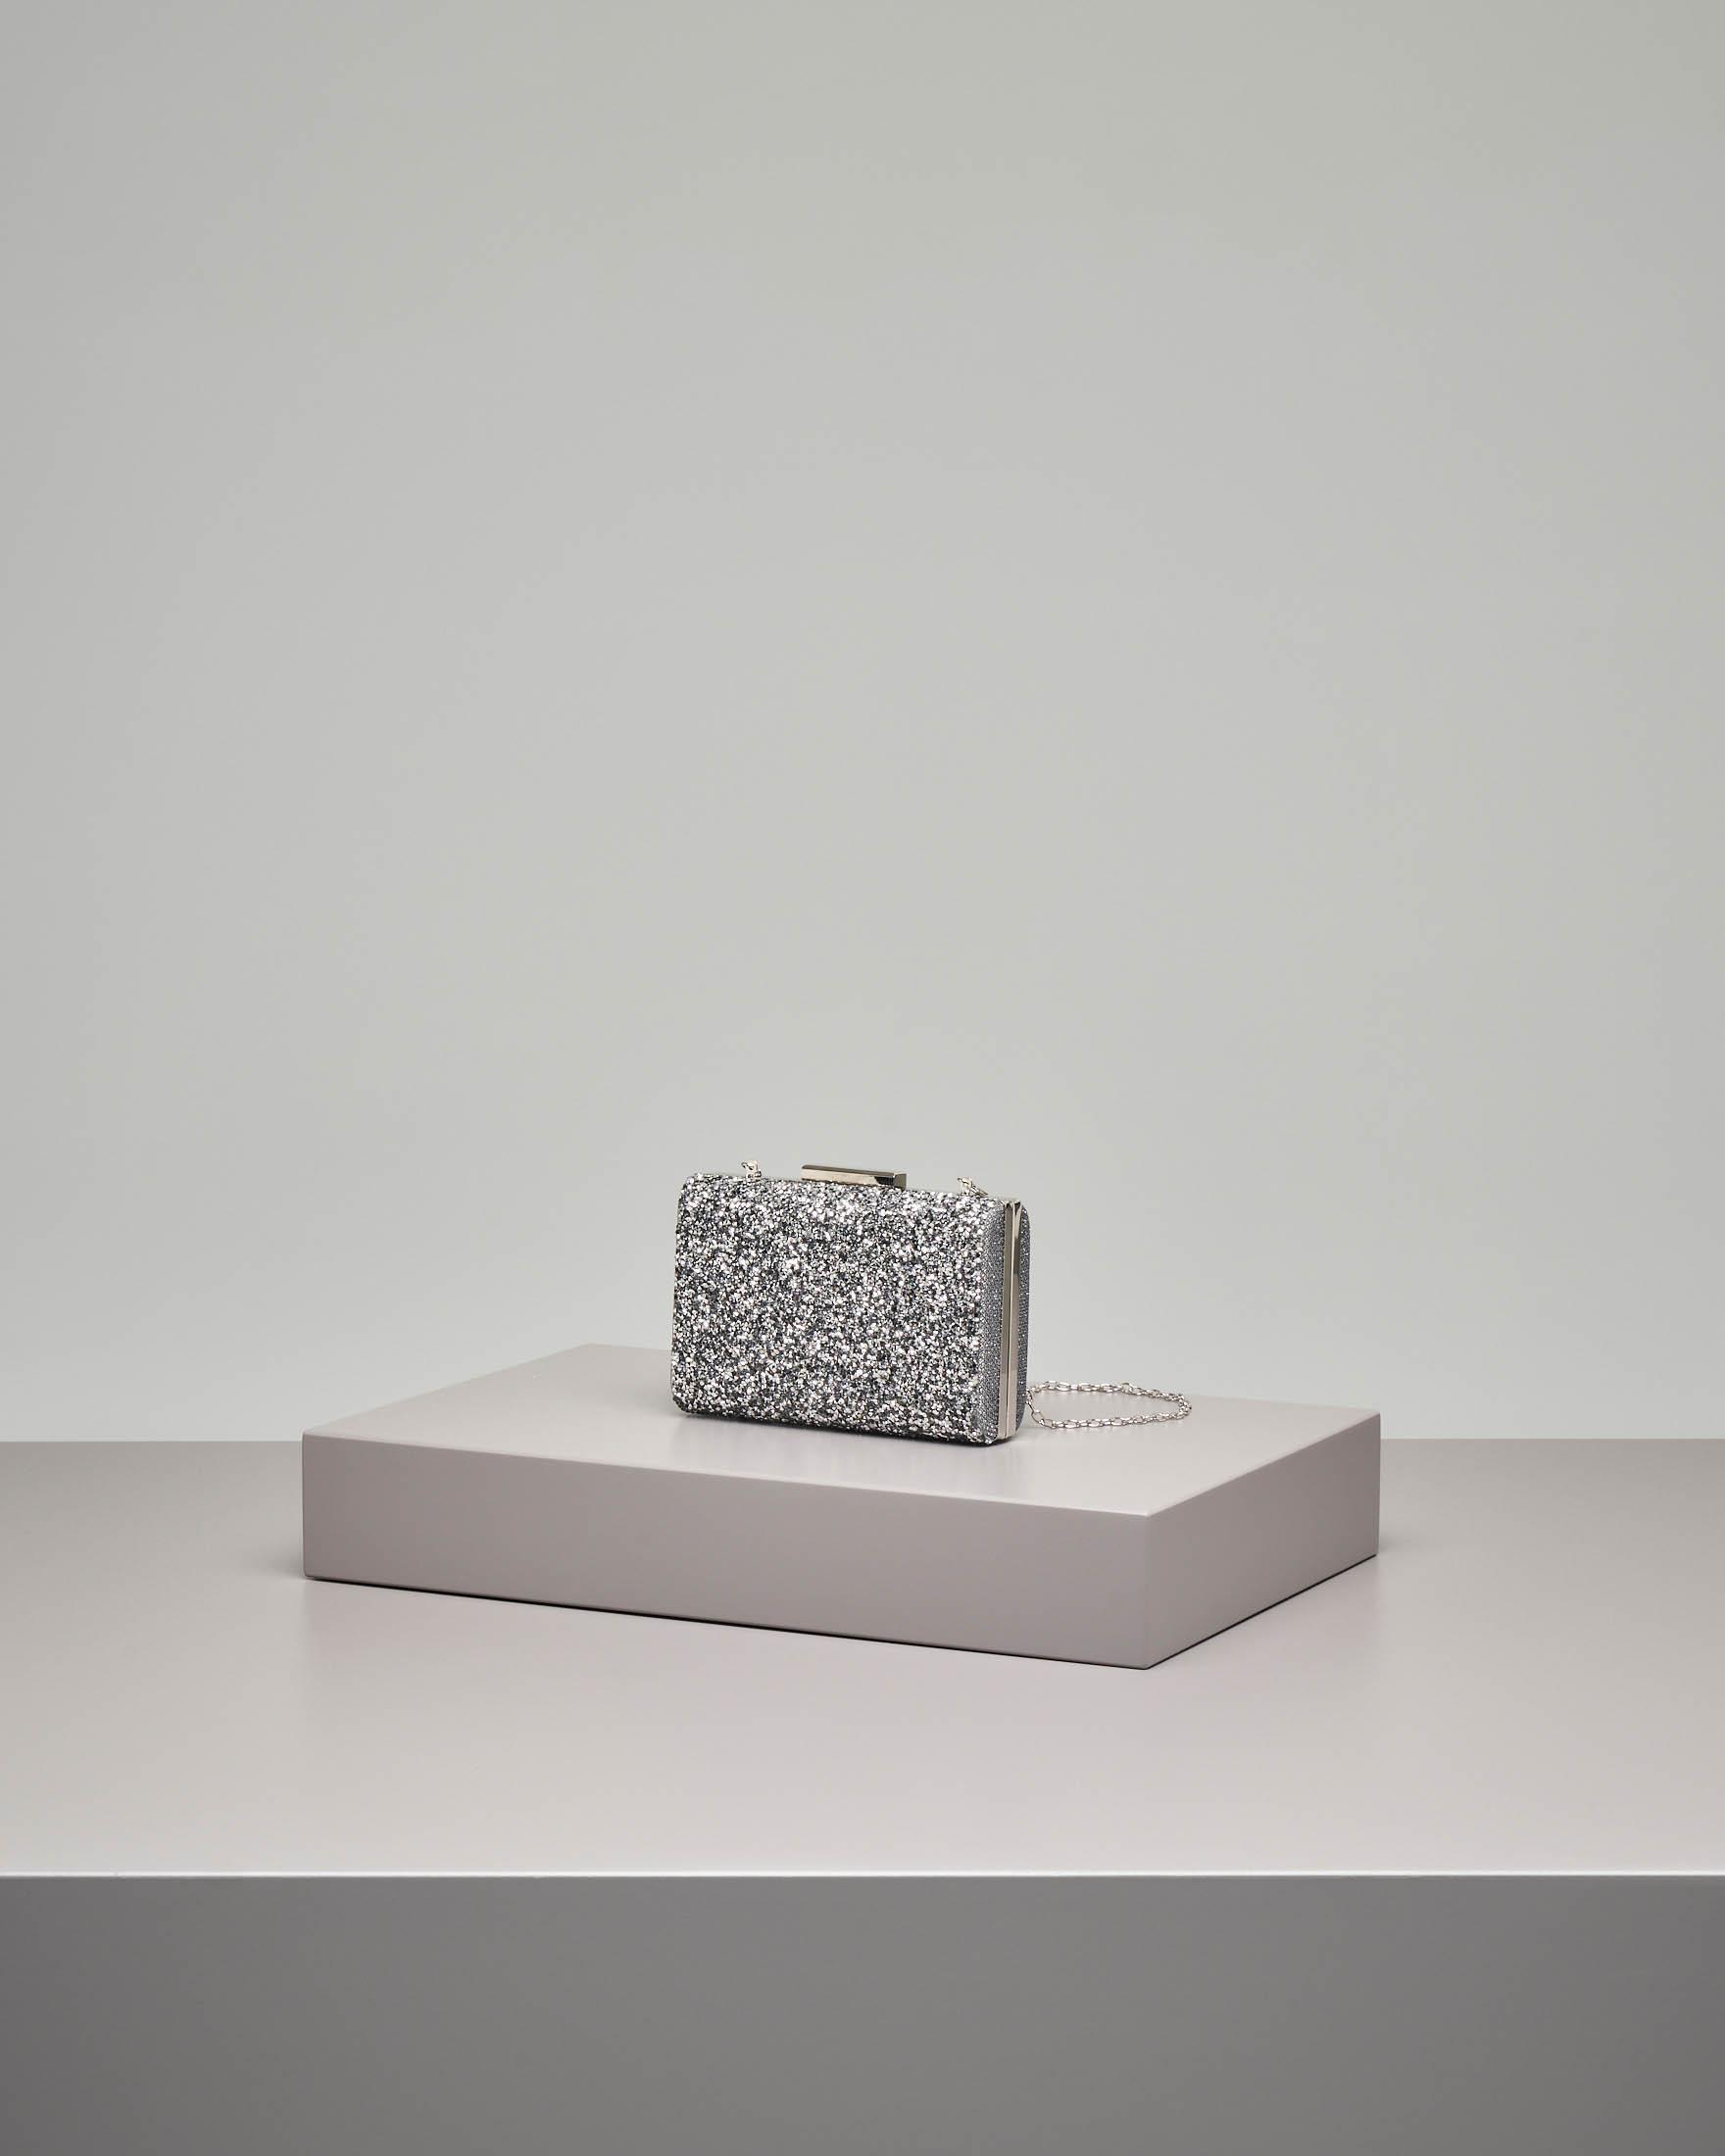 Pochette rigida color argento con chiusura effetto glitter e strass applicati tono su tono